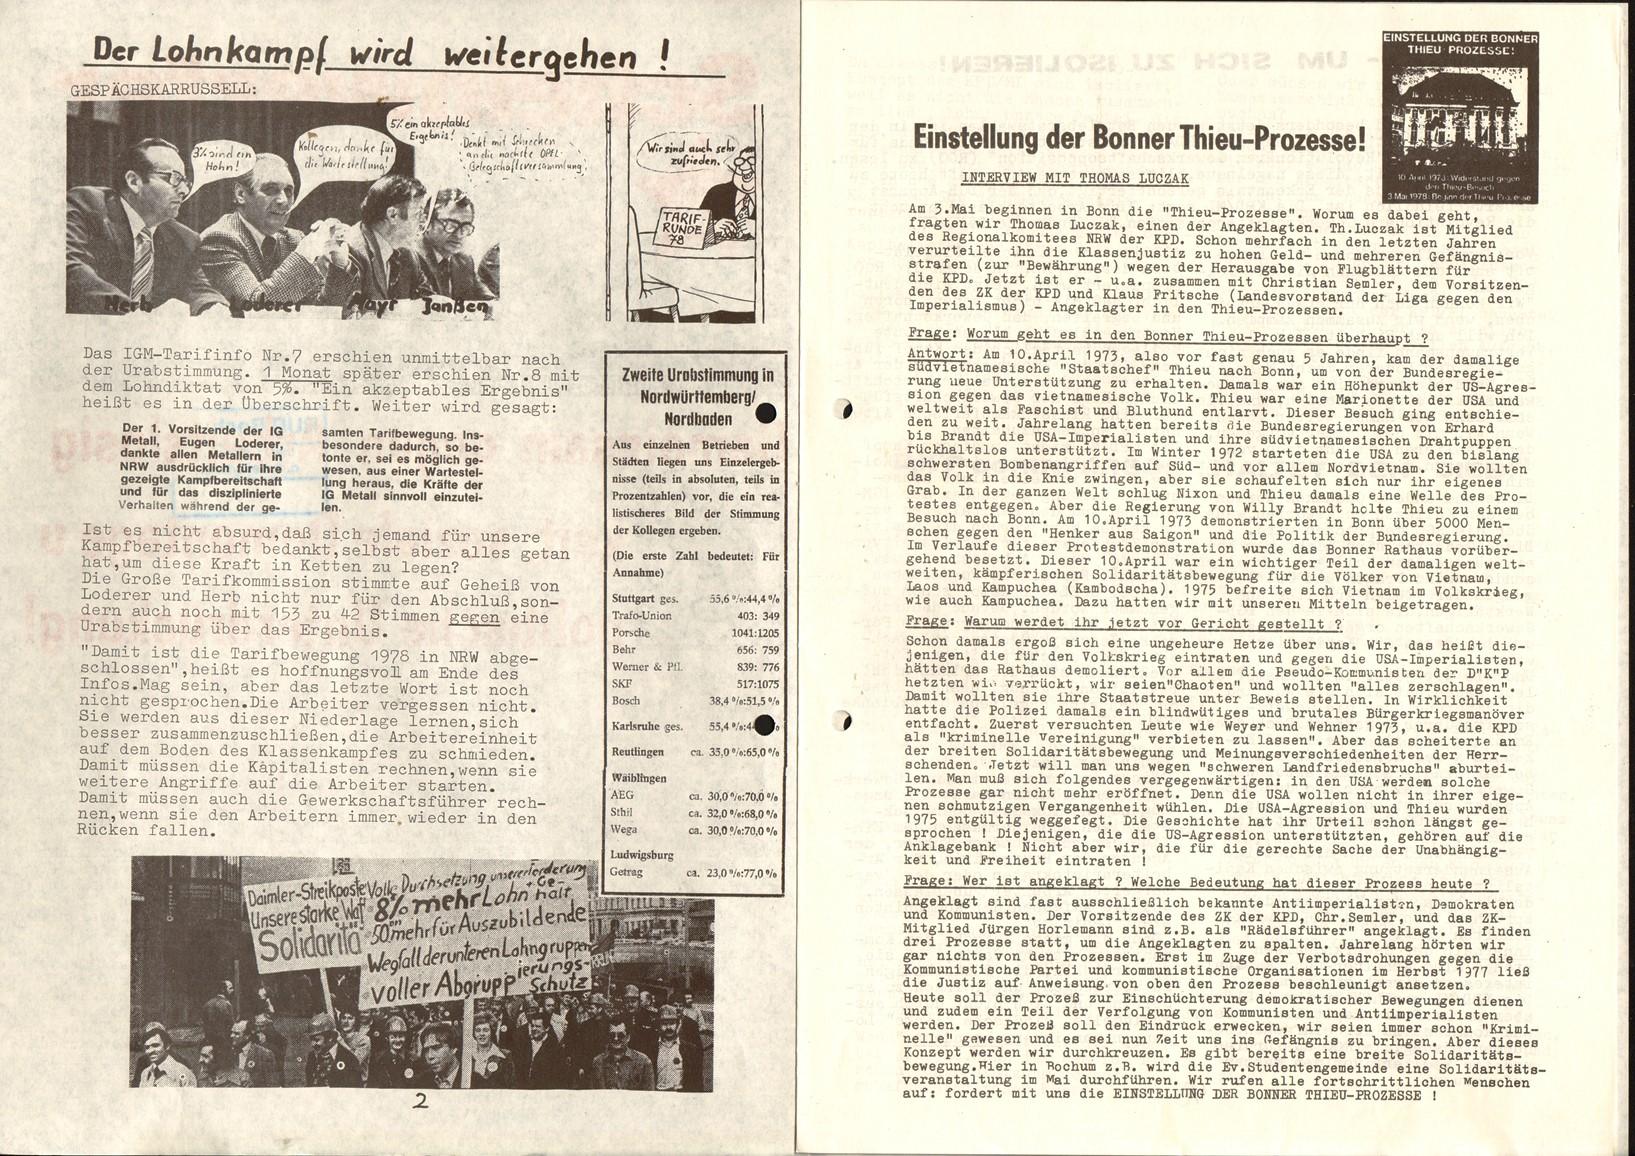 Bochum_Opel_AO_Scheinwerfer_19780200_02